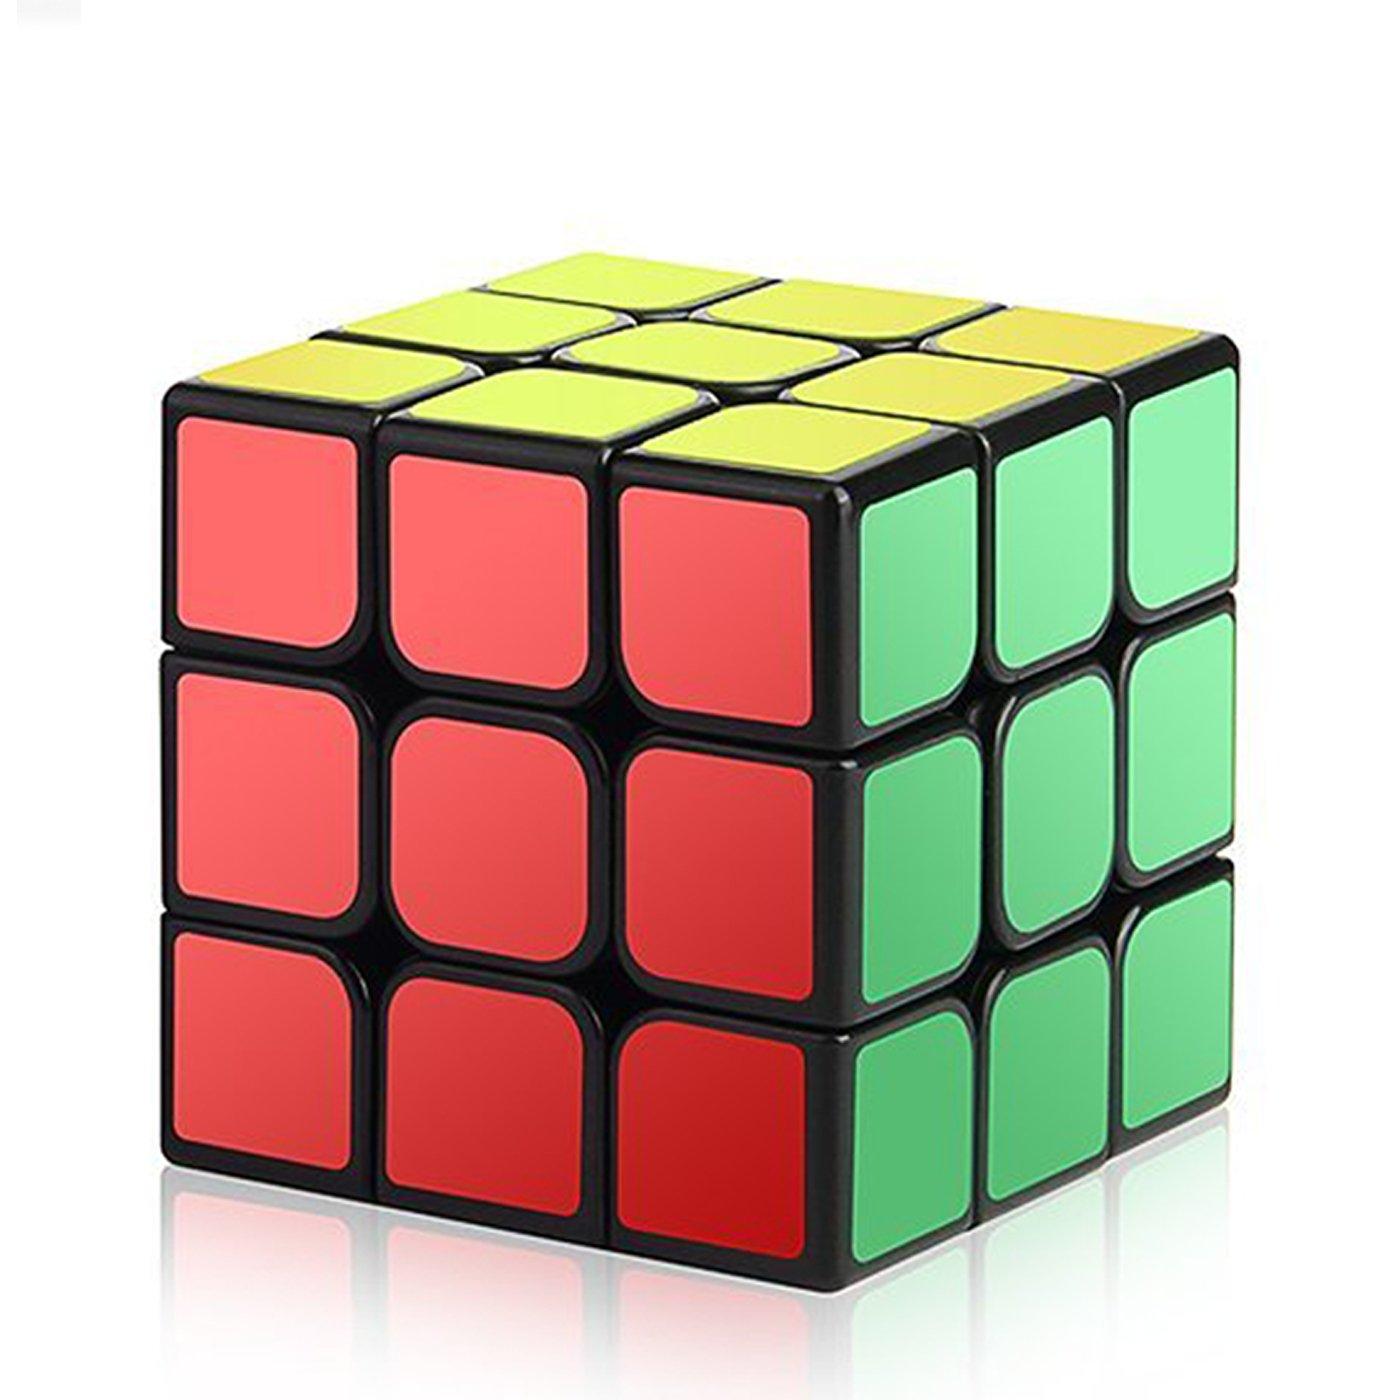 最安値級価格 Roxenda Speed With Cube Quicker Profession 3x3x3 Speed Cube B07FR8KJ2T - Easy Turning and Smooth Play - Super-durable Sticker With Vivid Colours - Turns Quicker and More Precisely Than Original B07FR8KJ2T, DEVICE:2425d01b --- a0267596.xsph.ru